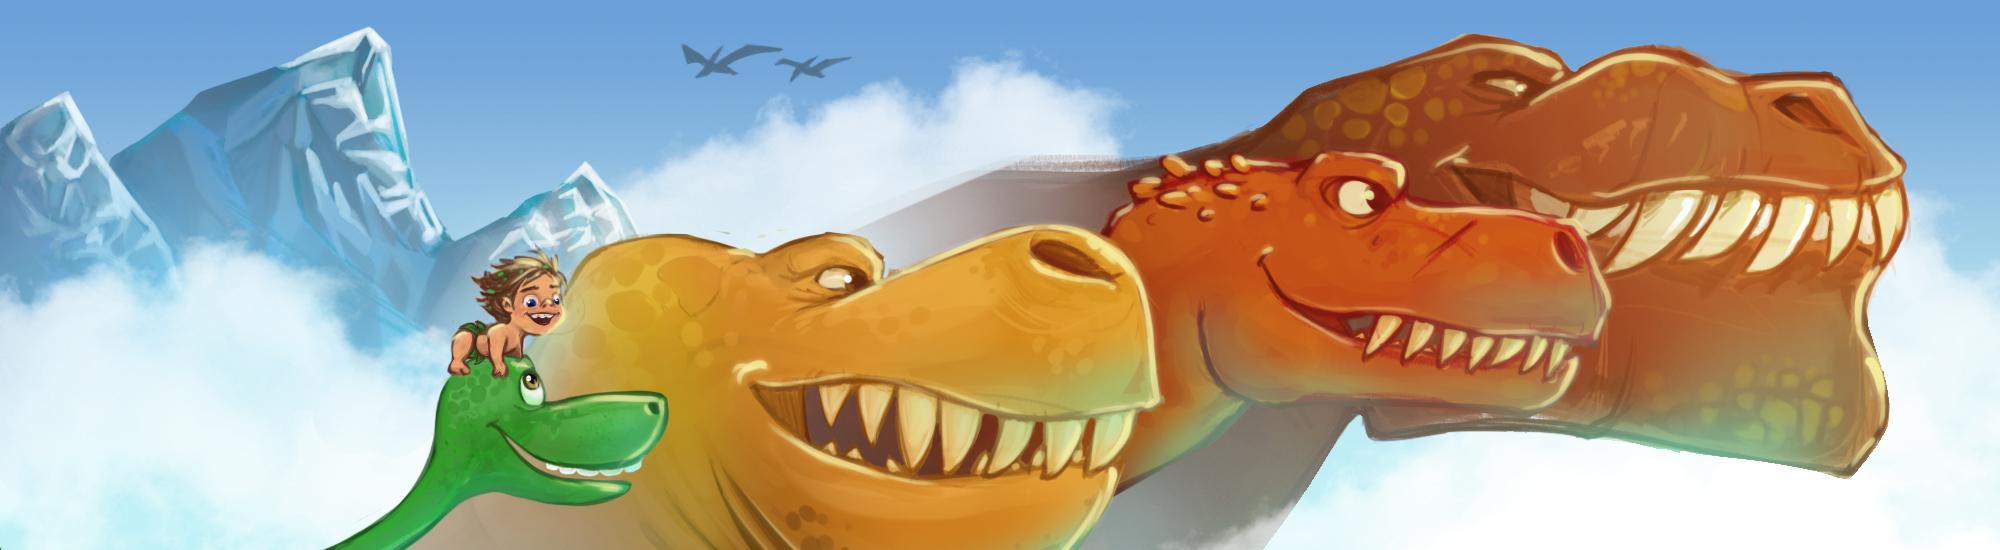 TheGoodDinosaur by thailur